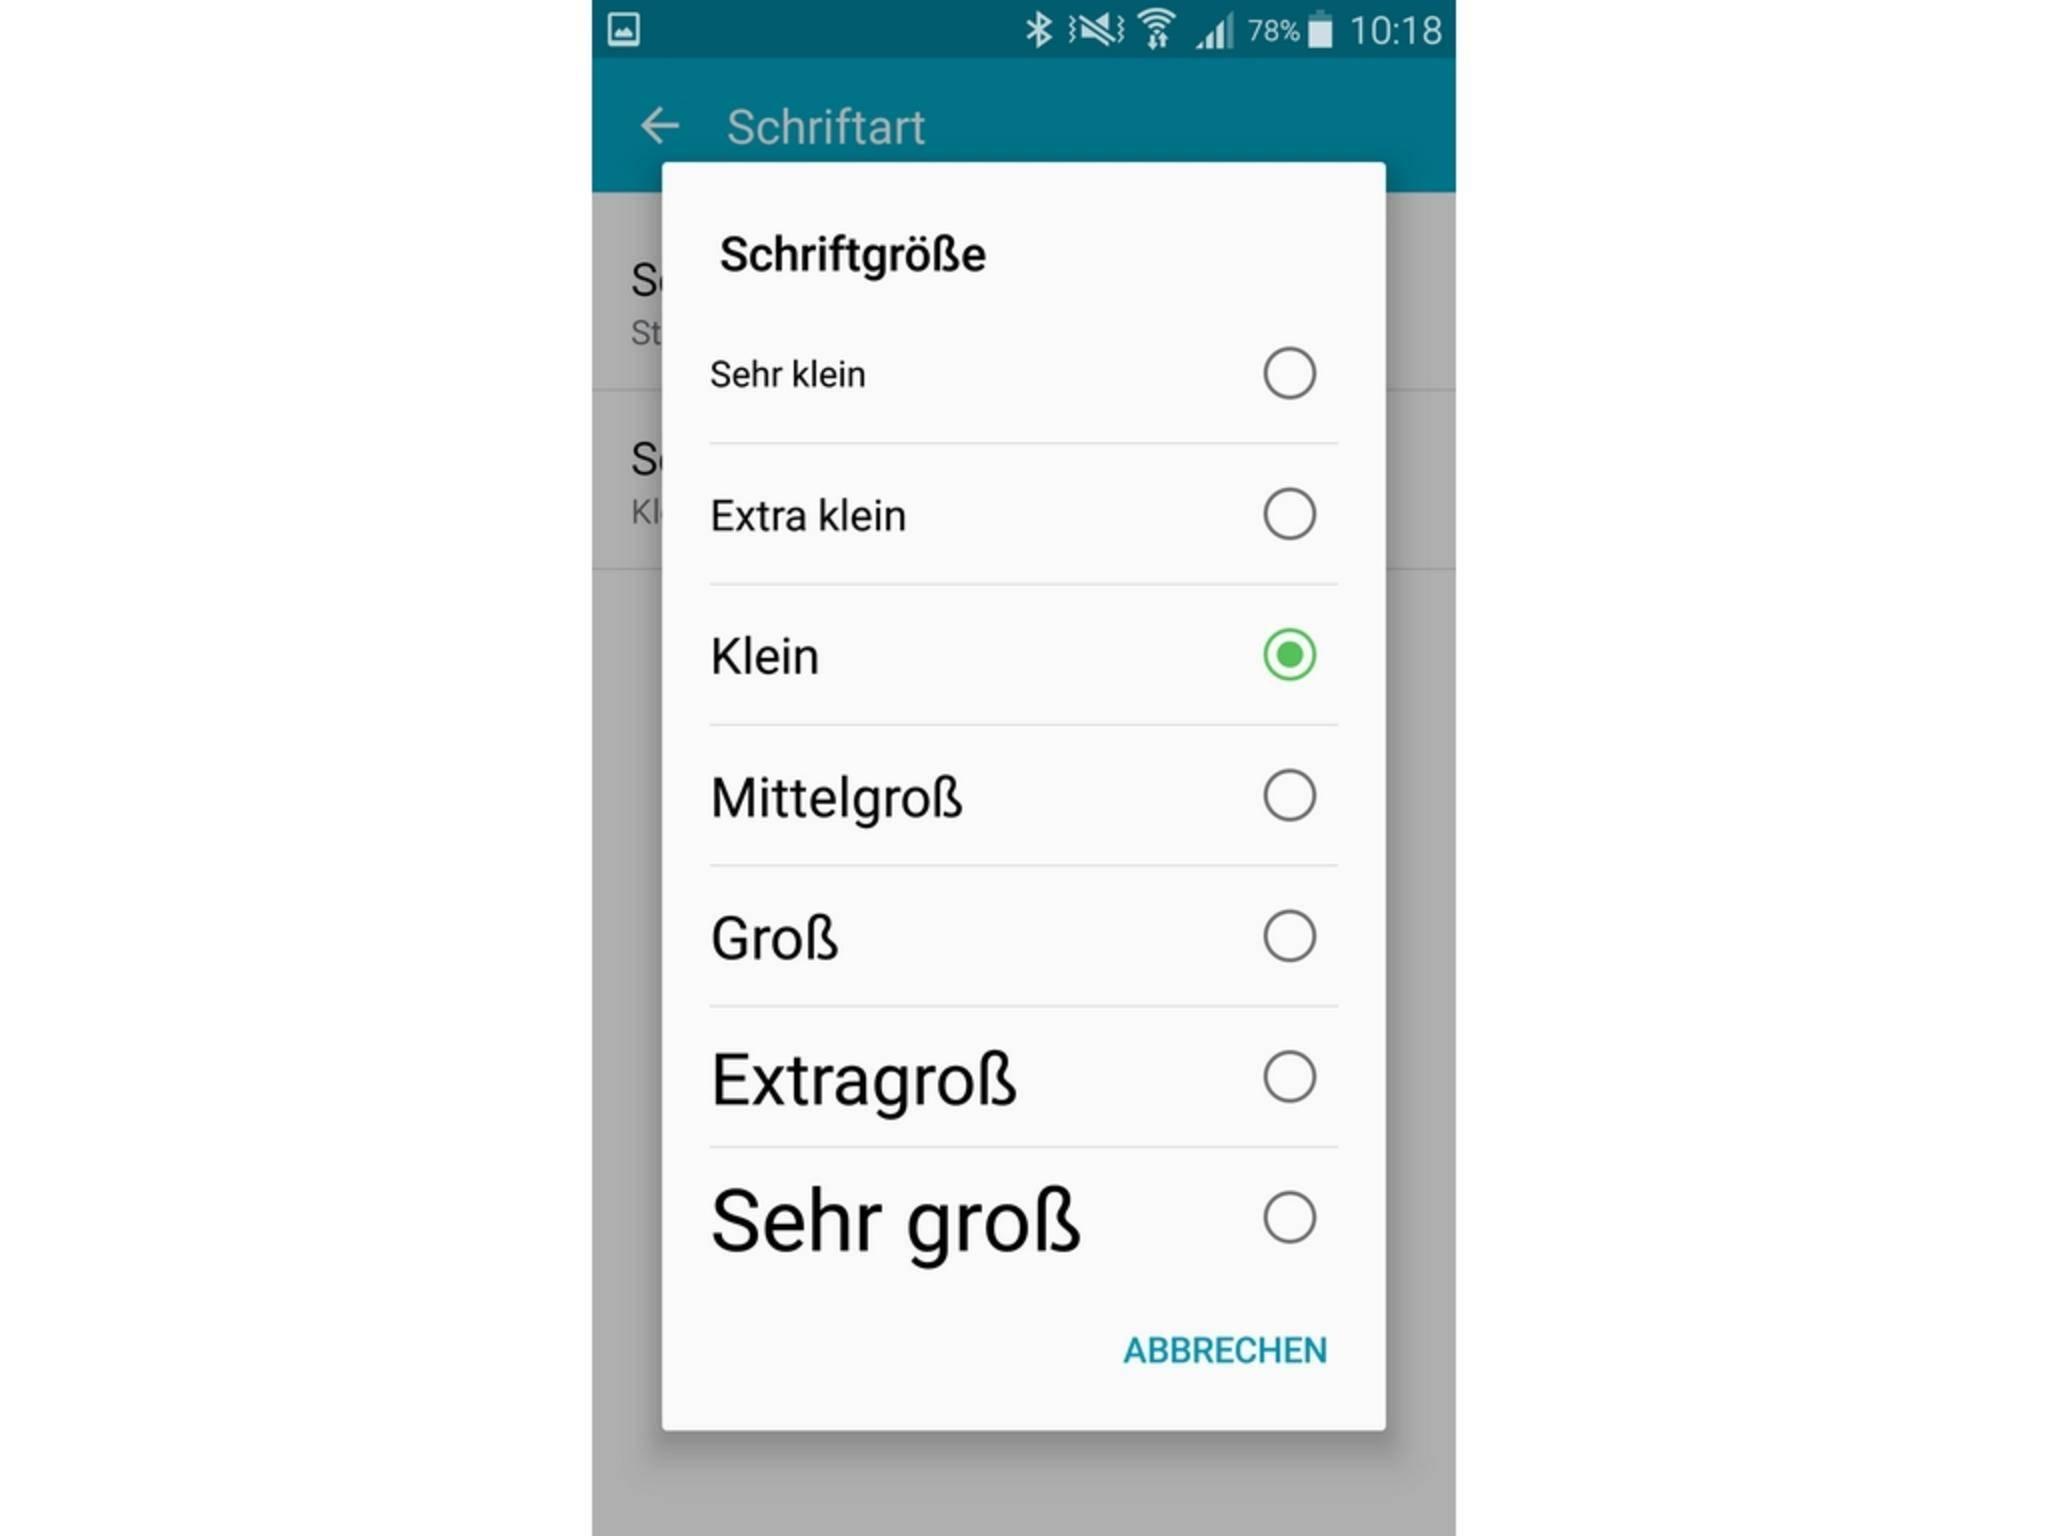 Samsung bietet Optionen zum Ändern von Schriftgröße...